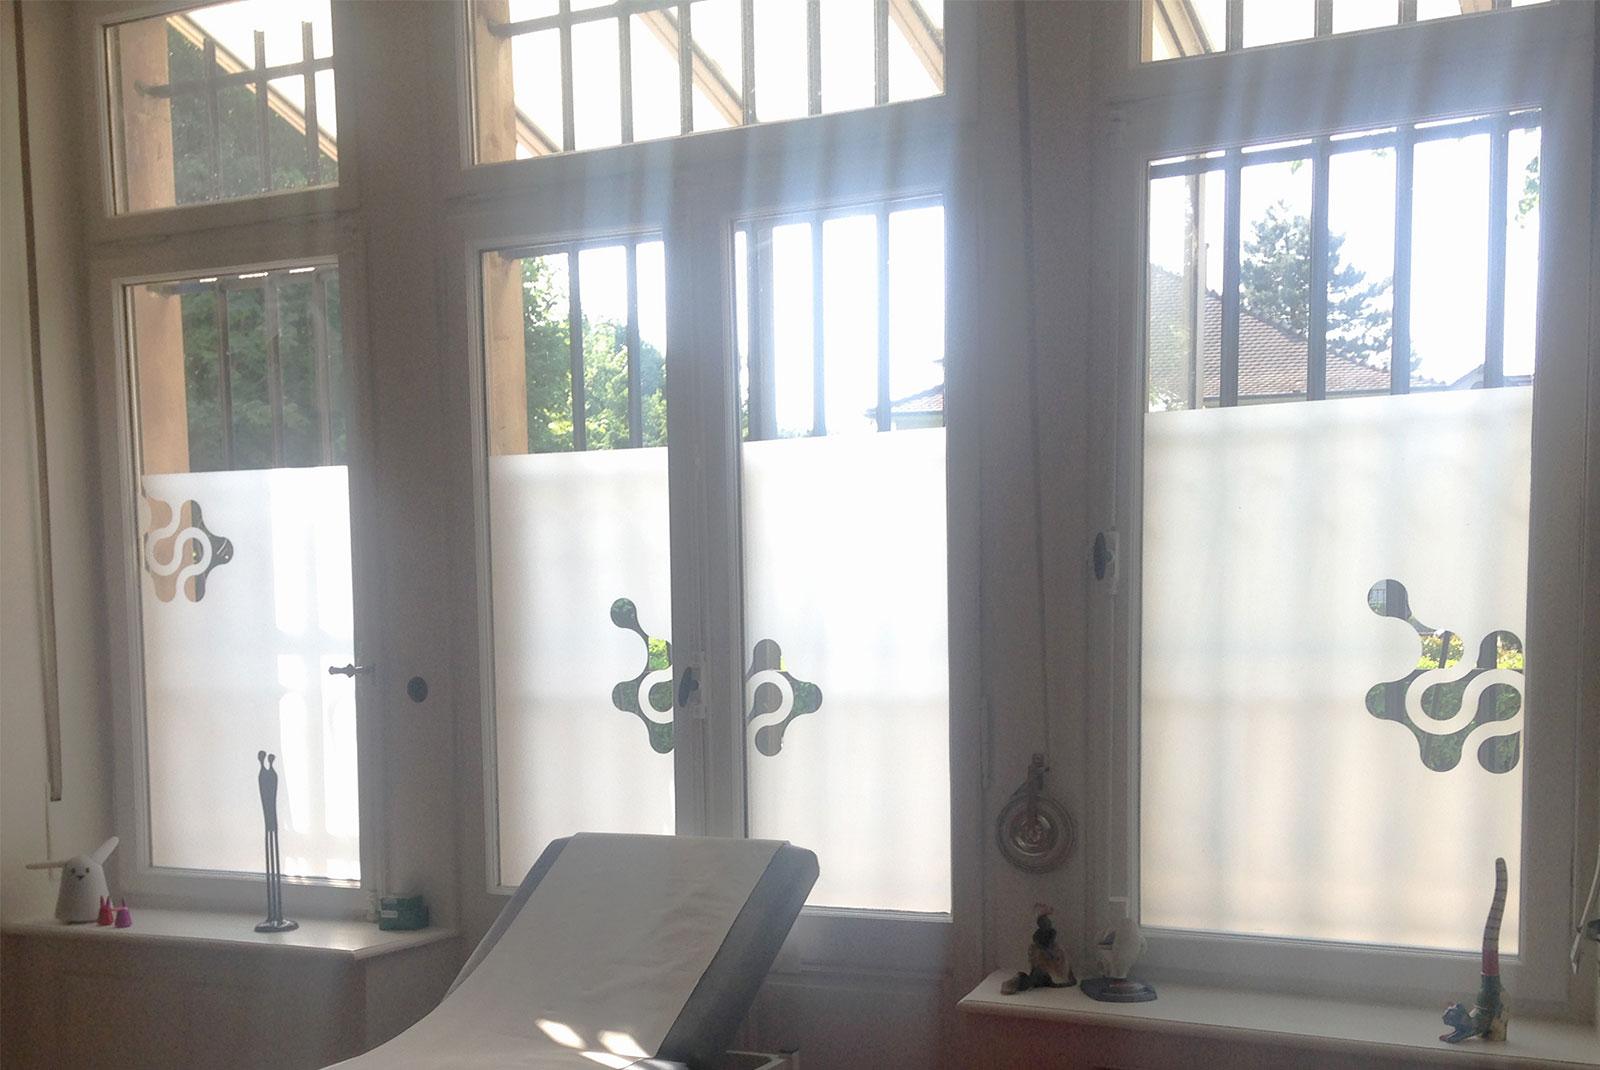 Signalétique fenêtre Villeminot